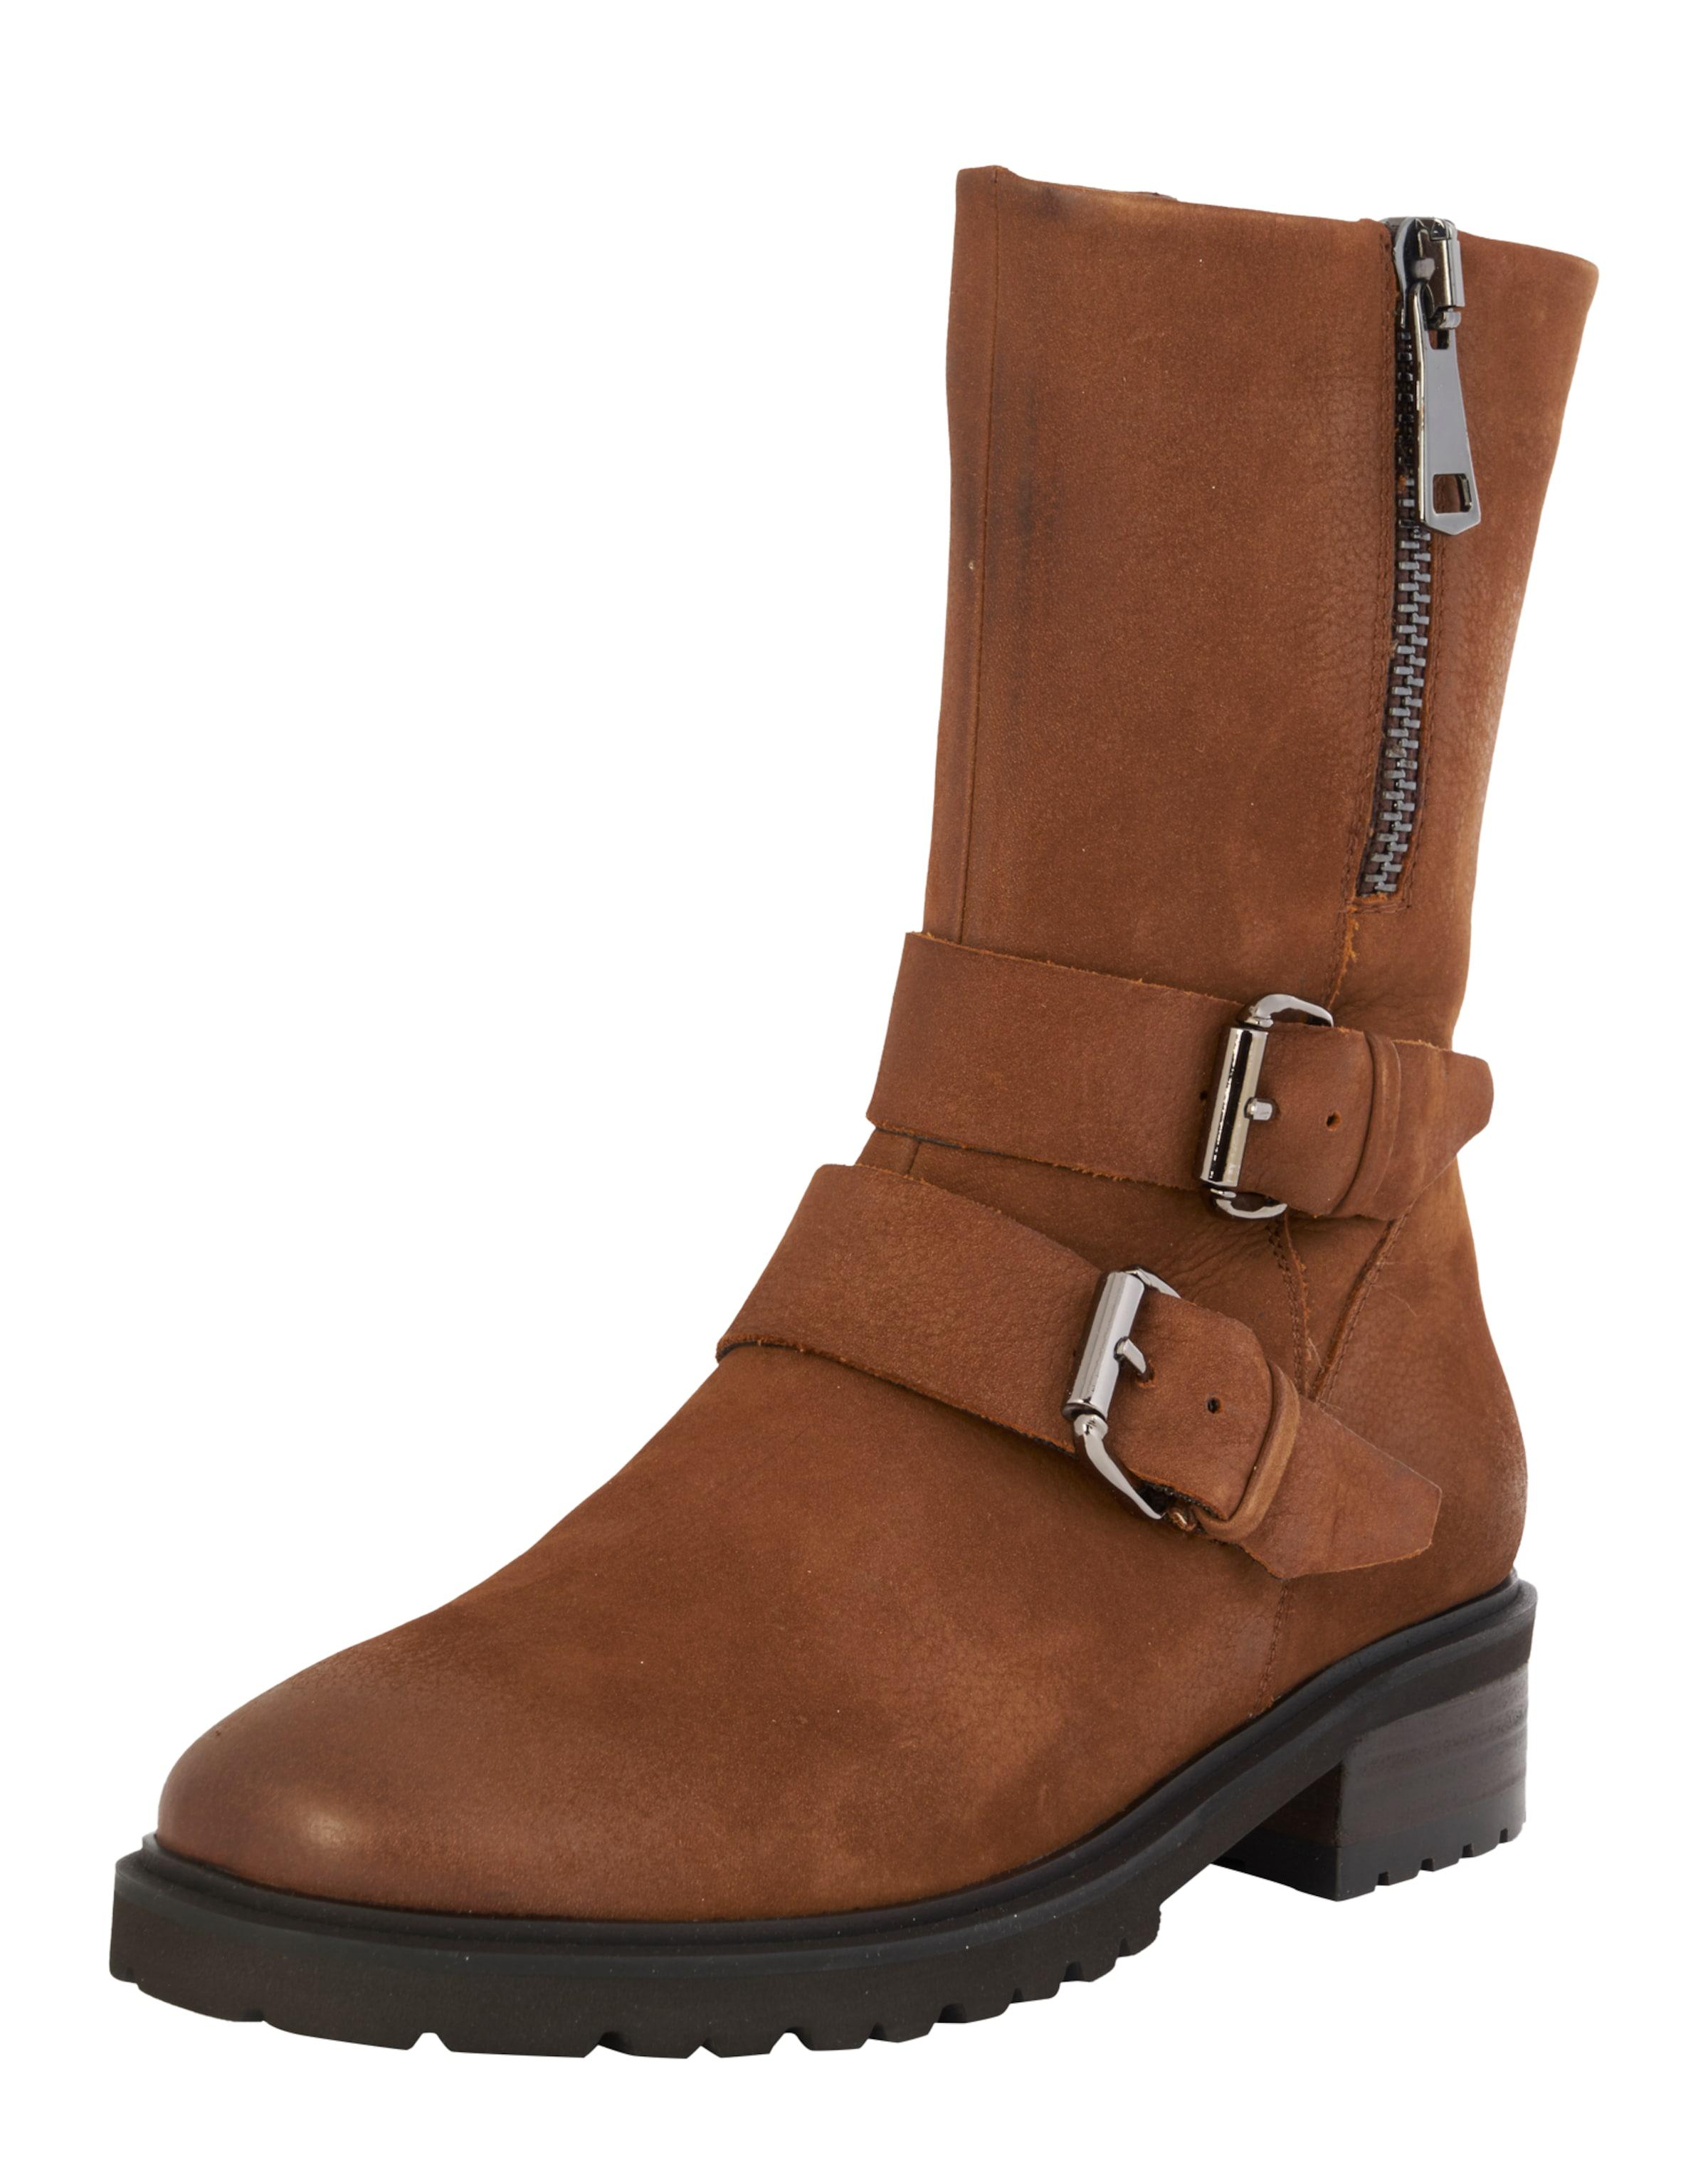 SPM Stiefel Lalta Verschleißfeste billige Schuhe